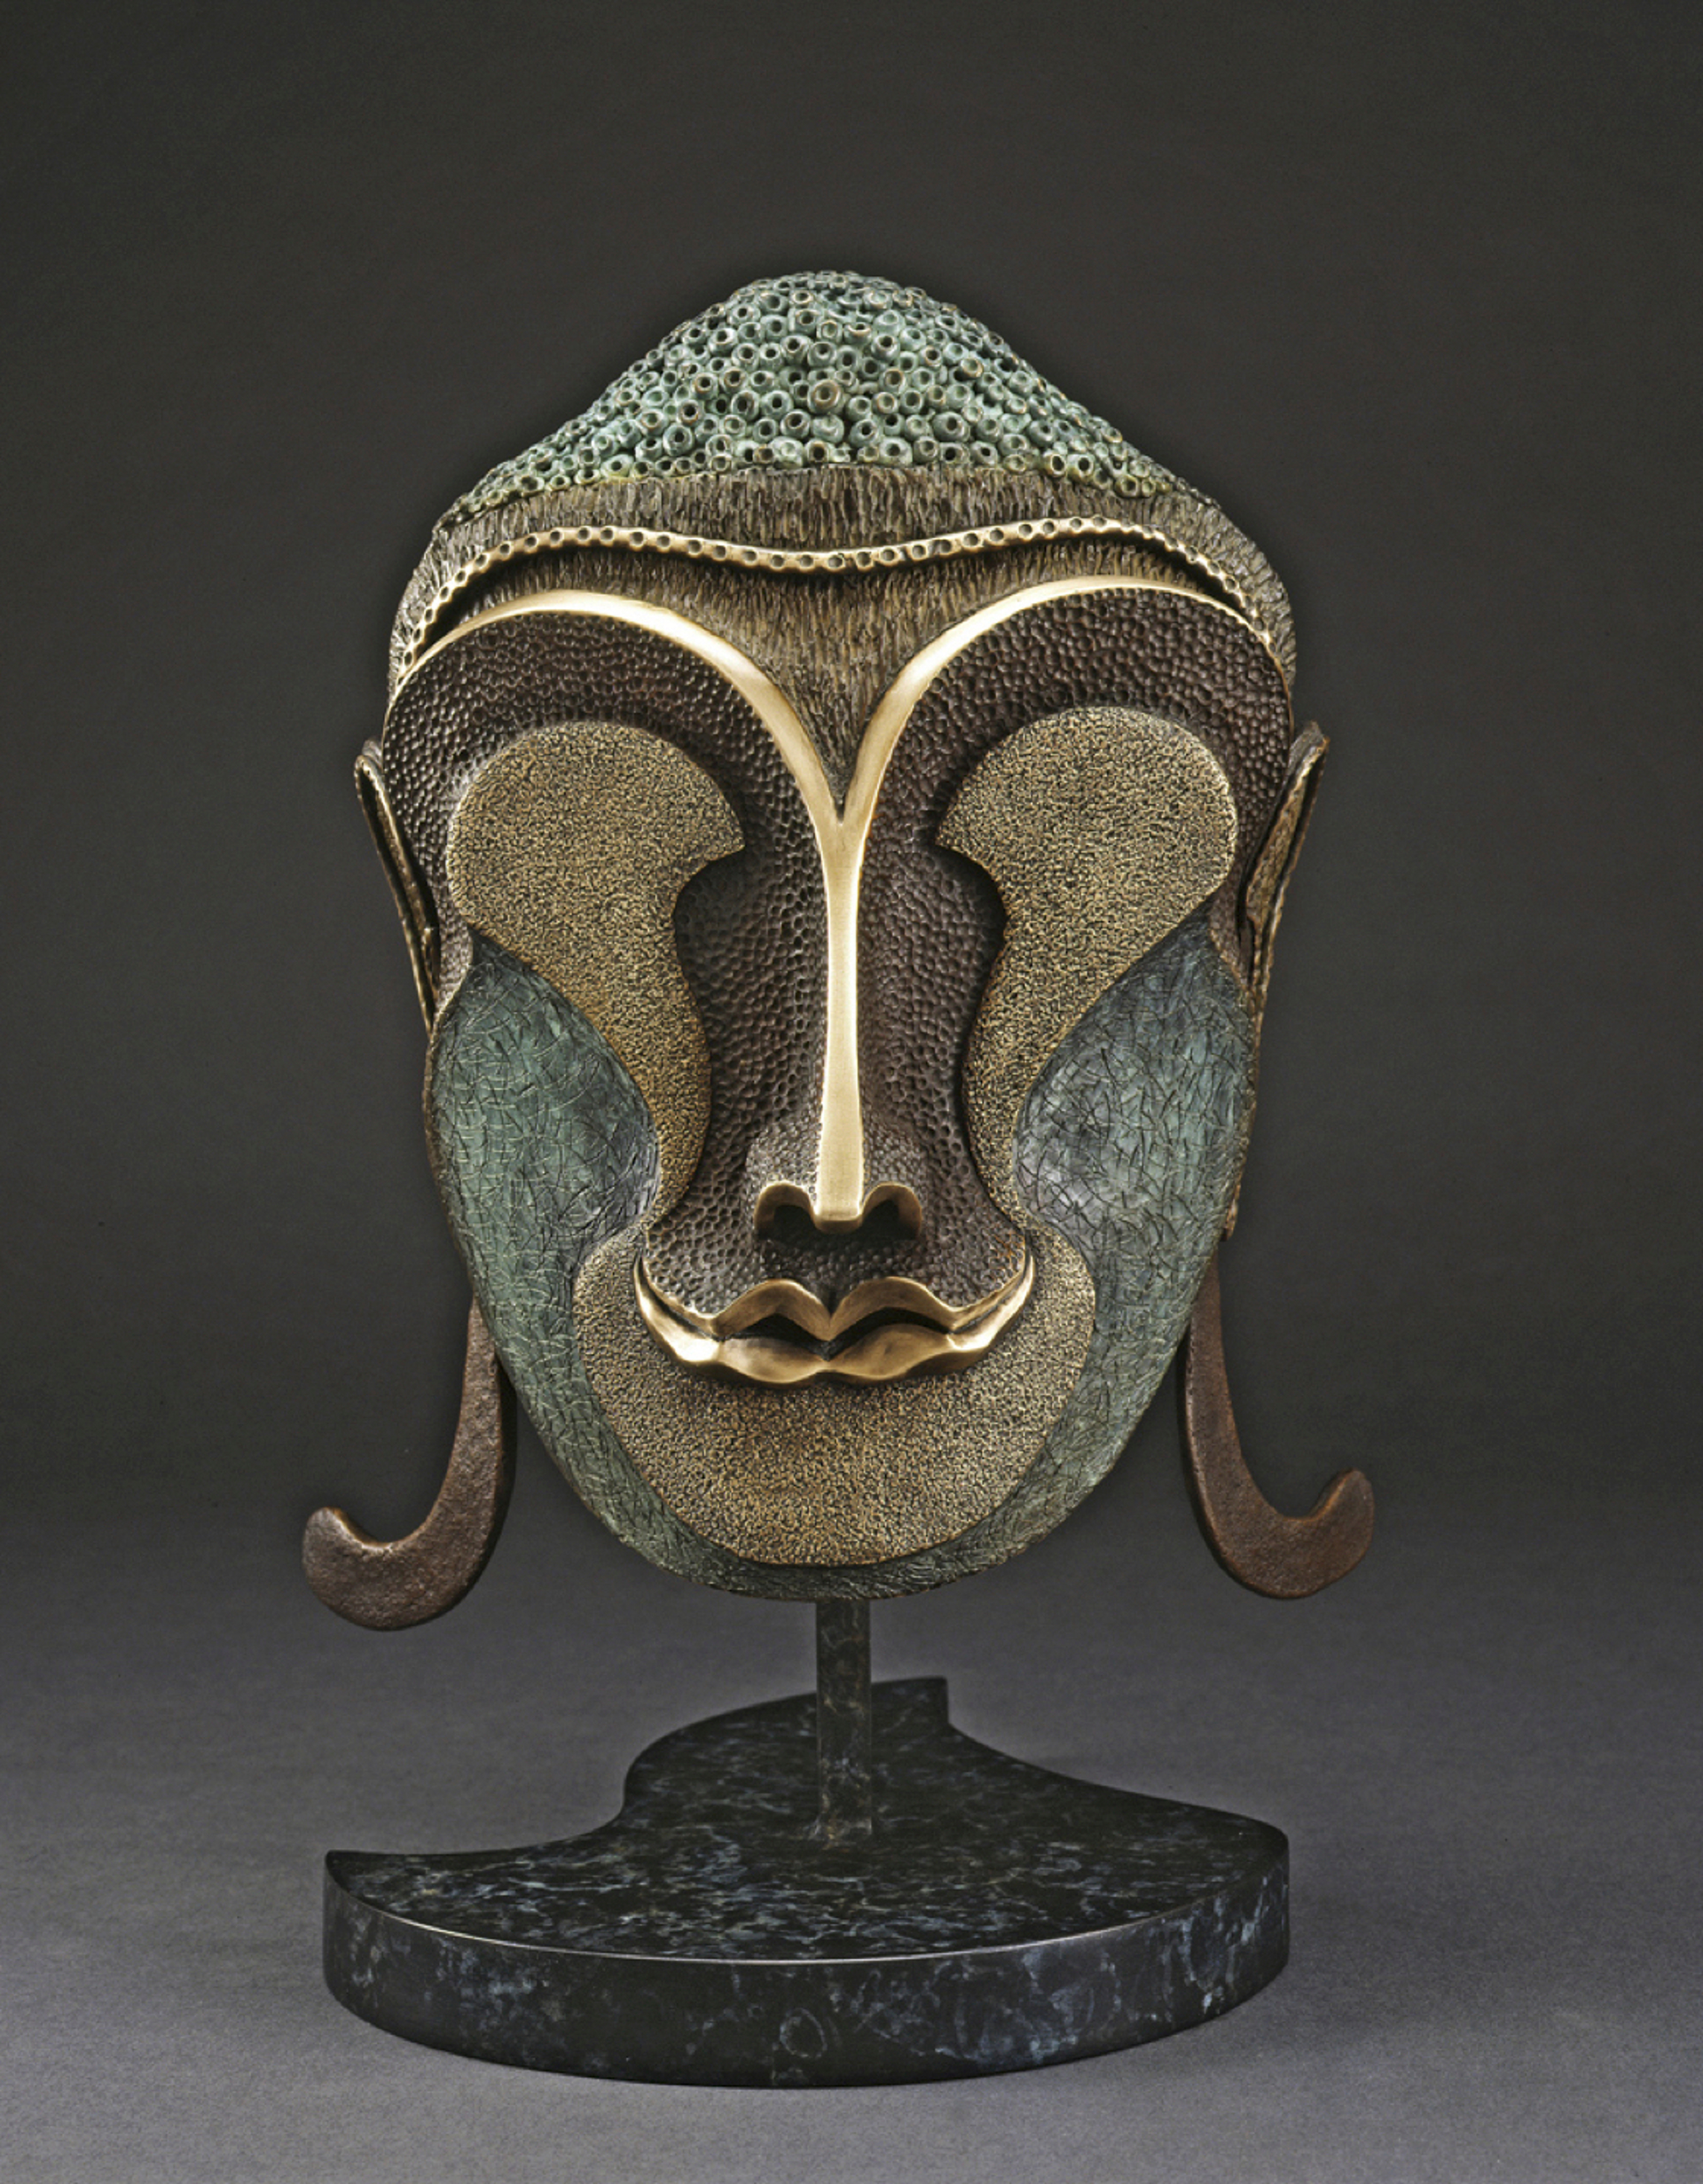 Buddha Mask by David Hoptman